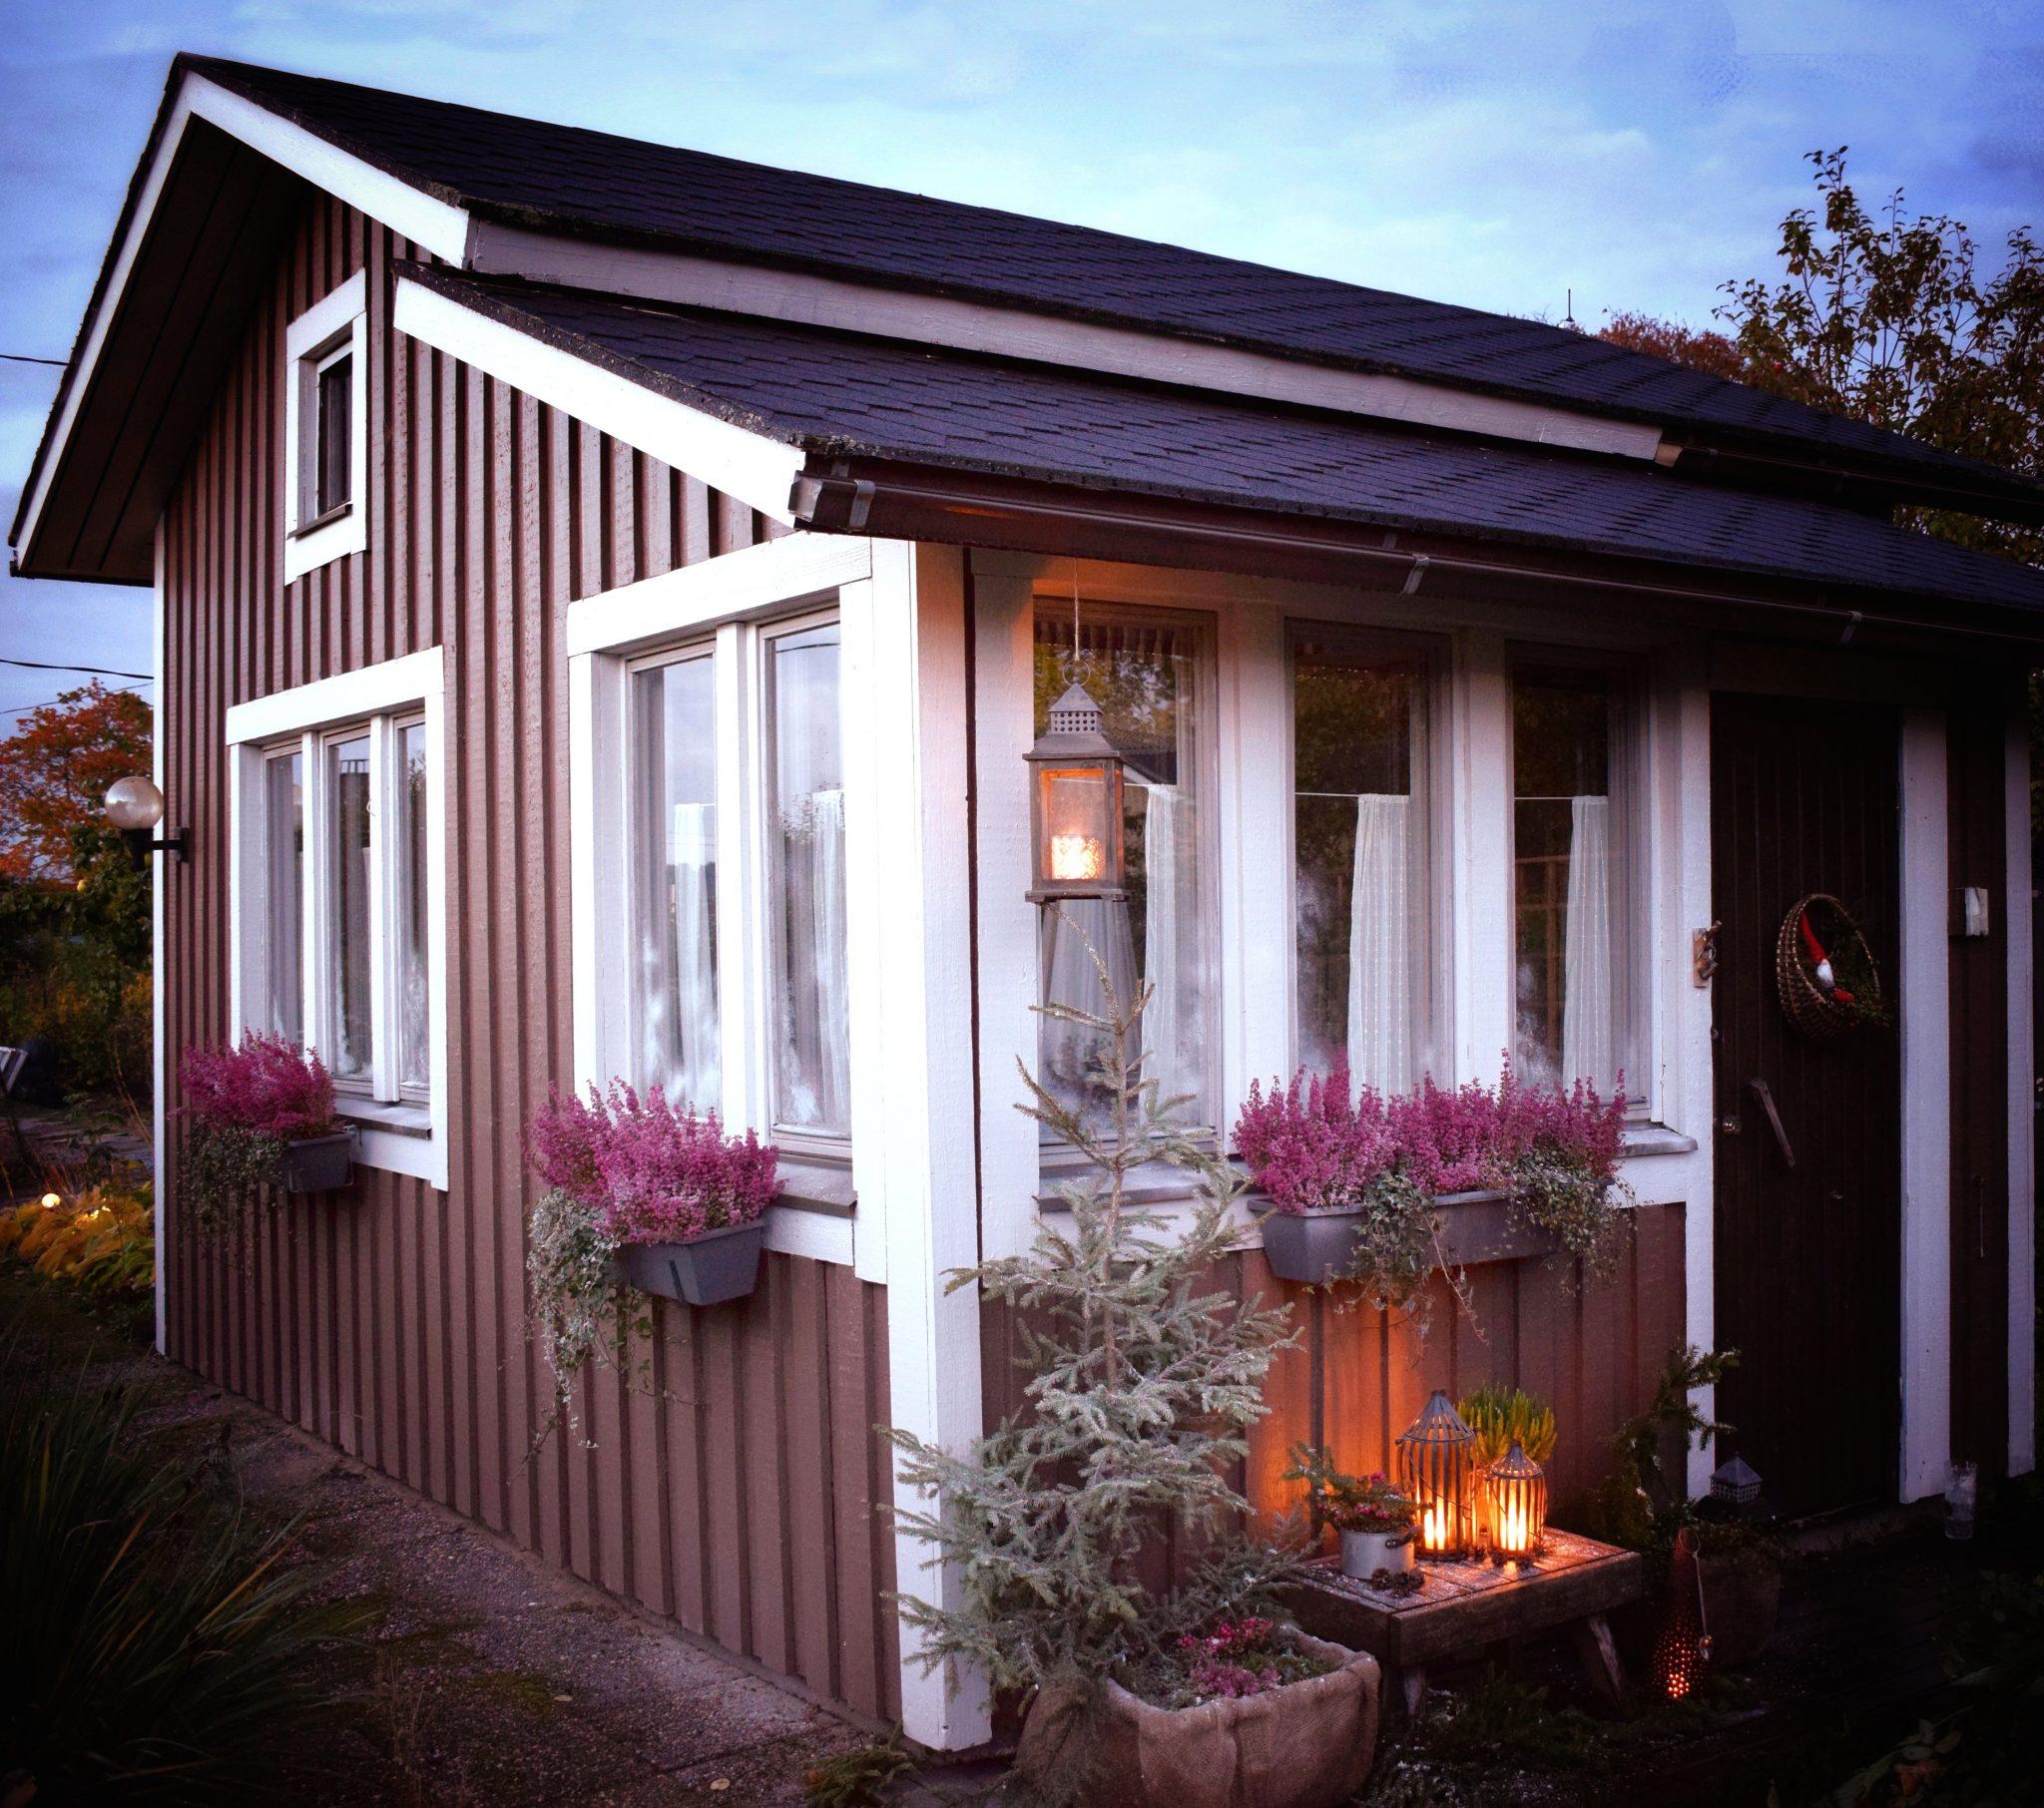 Puutarhurin Maja